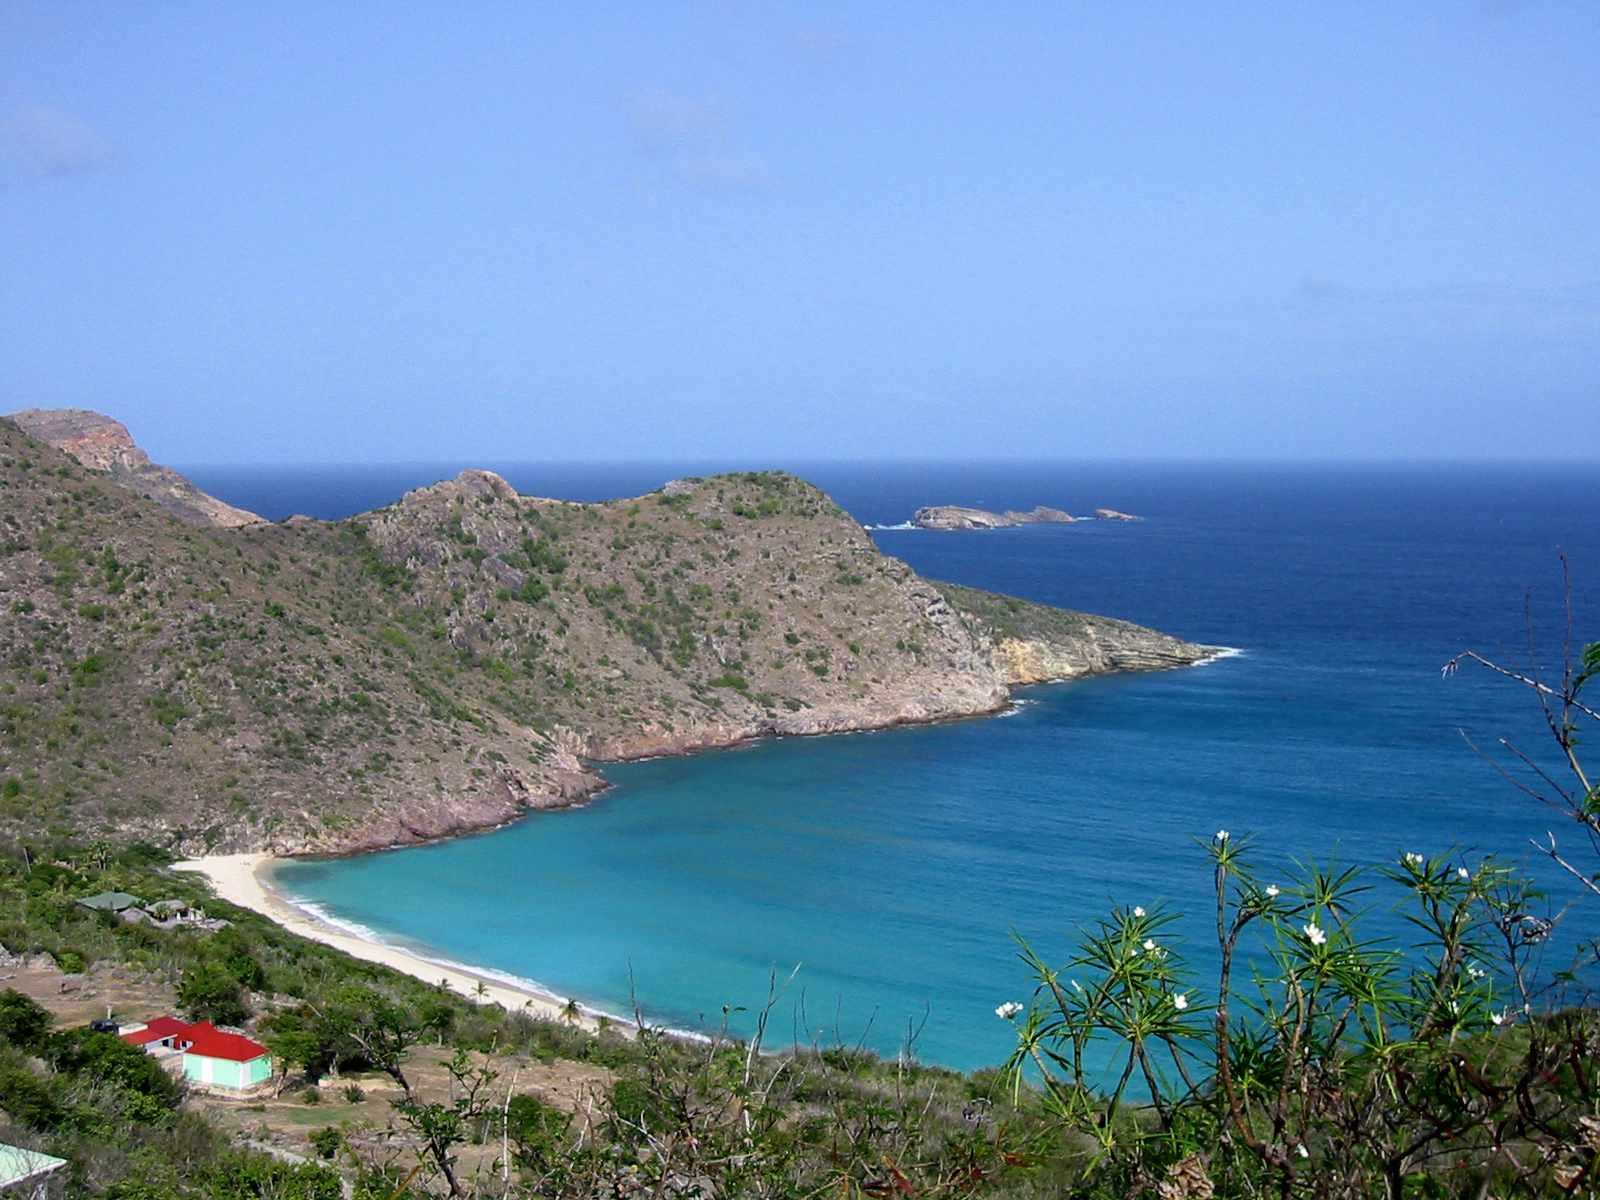 'Guvernørens strand - en smuk, afsondret strand på øen St. Barthelemy (St. Barts), i den franske Vestindien